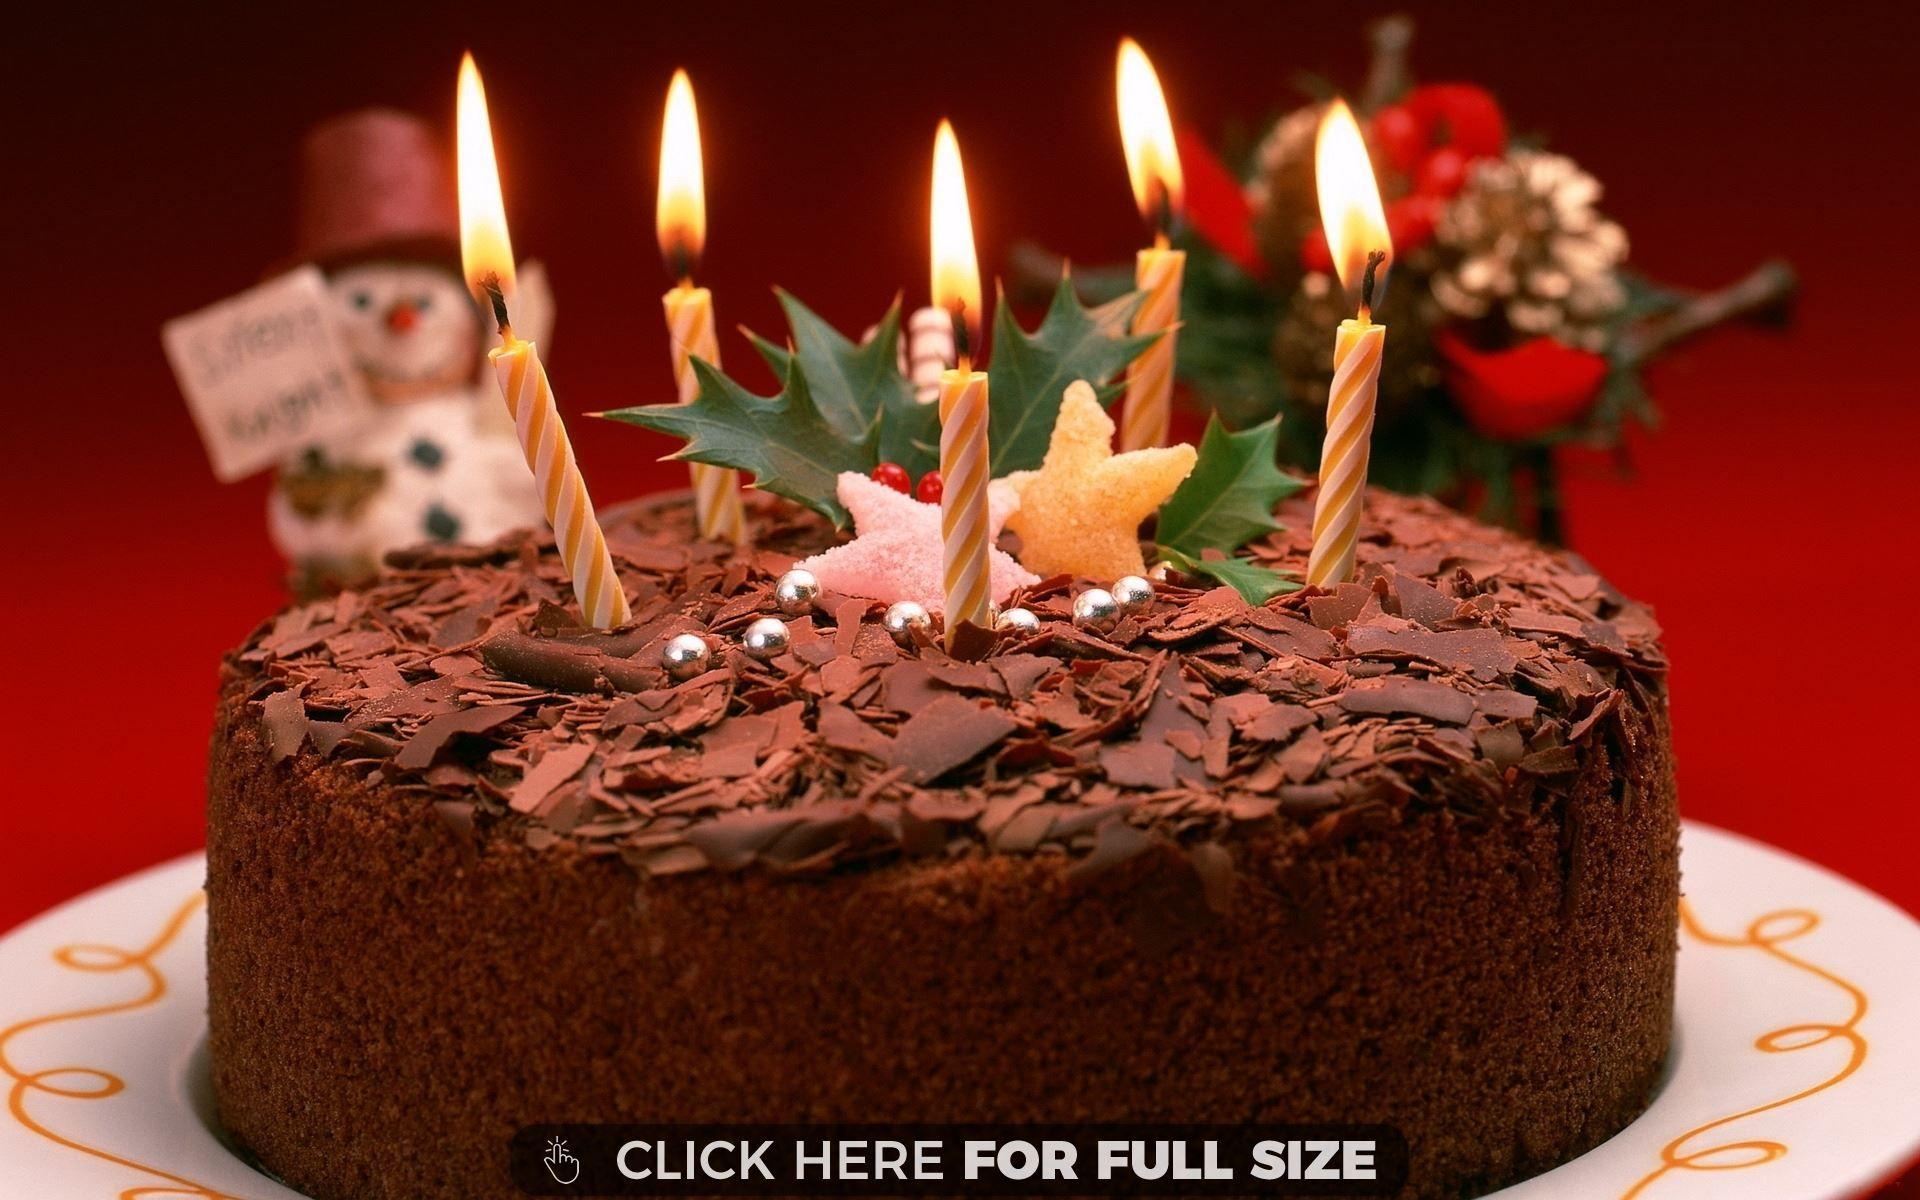 happy birthday images free download wallpaper | desktop wallpapers